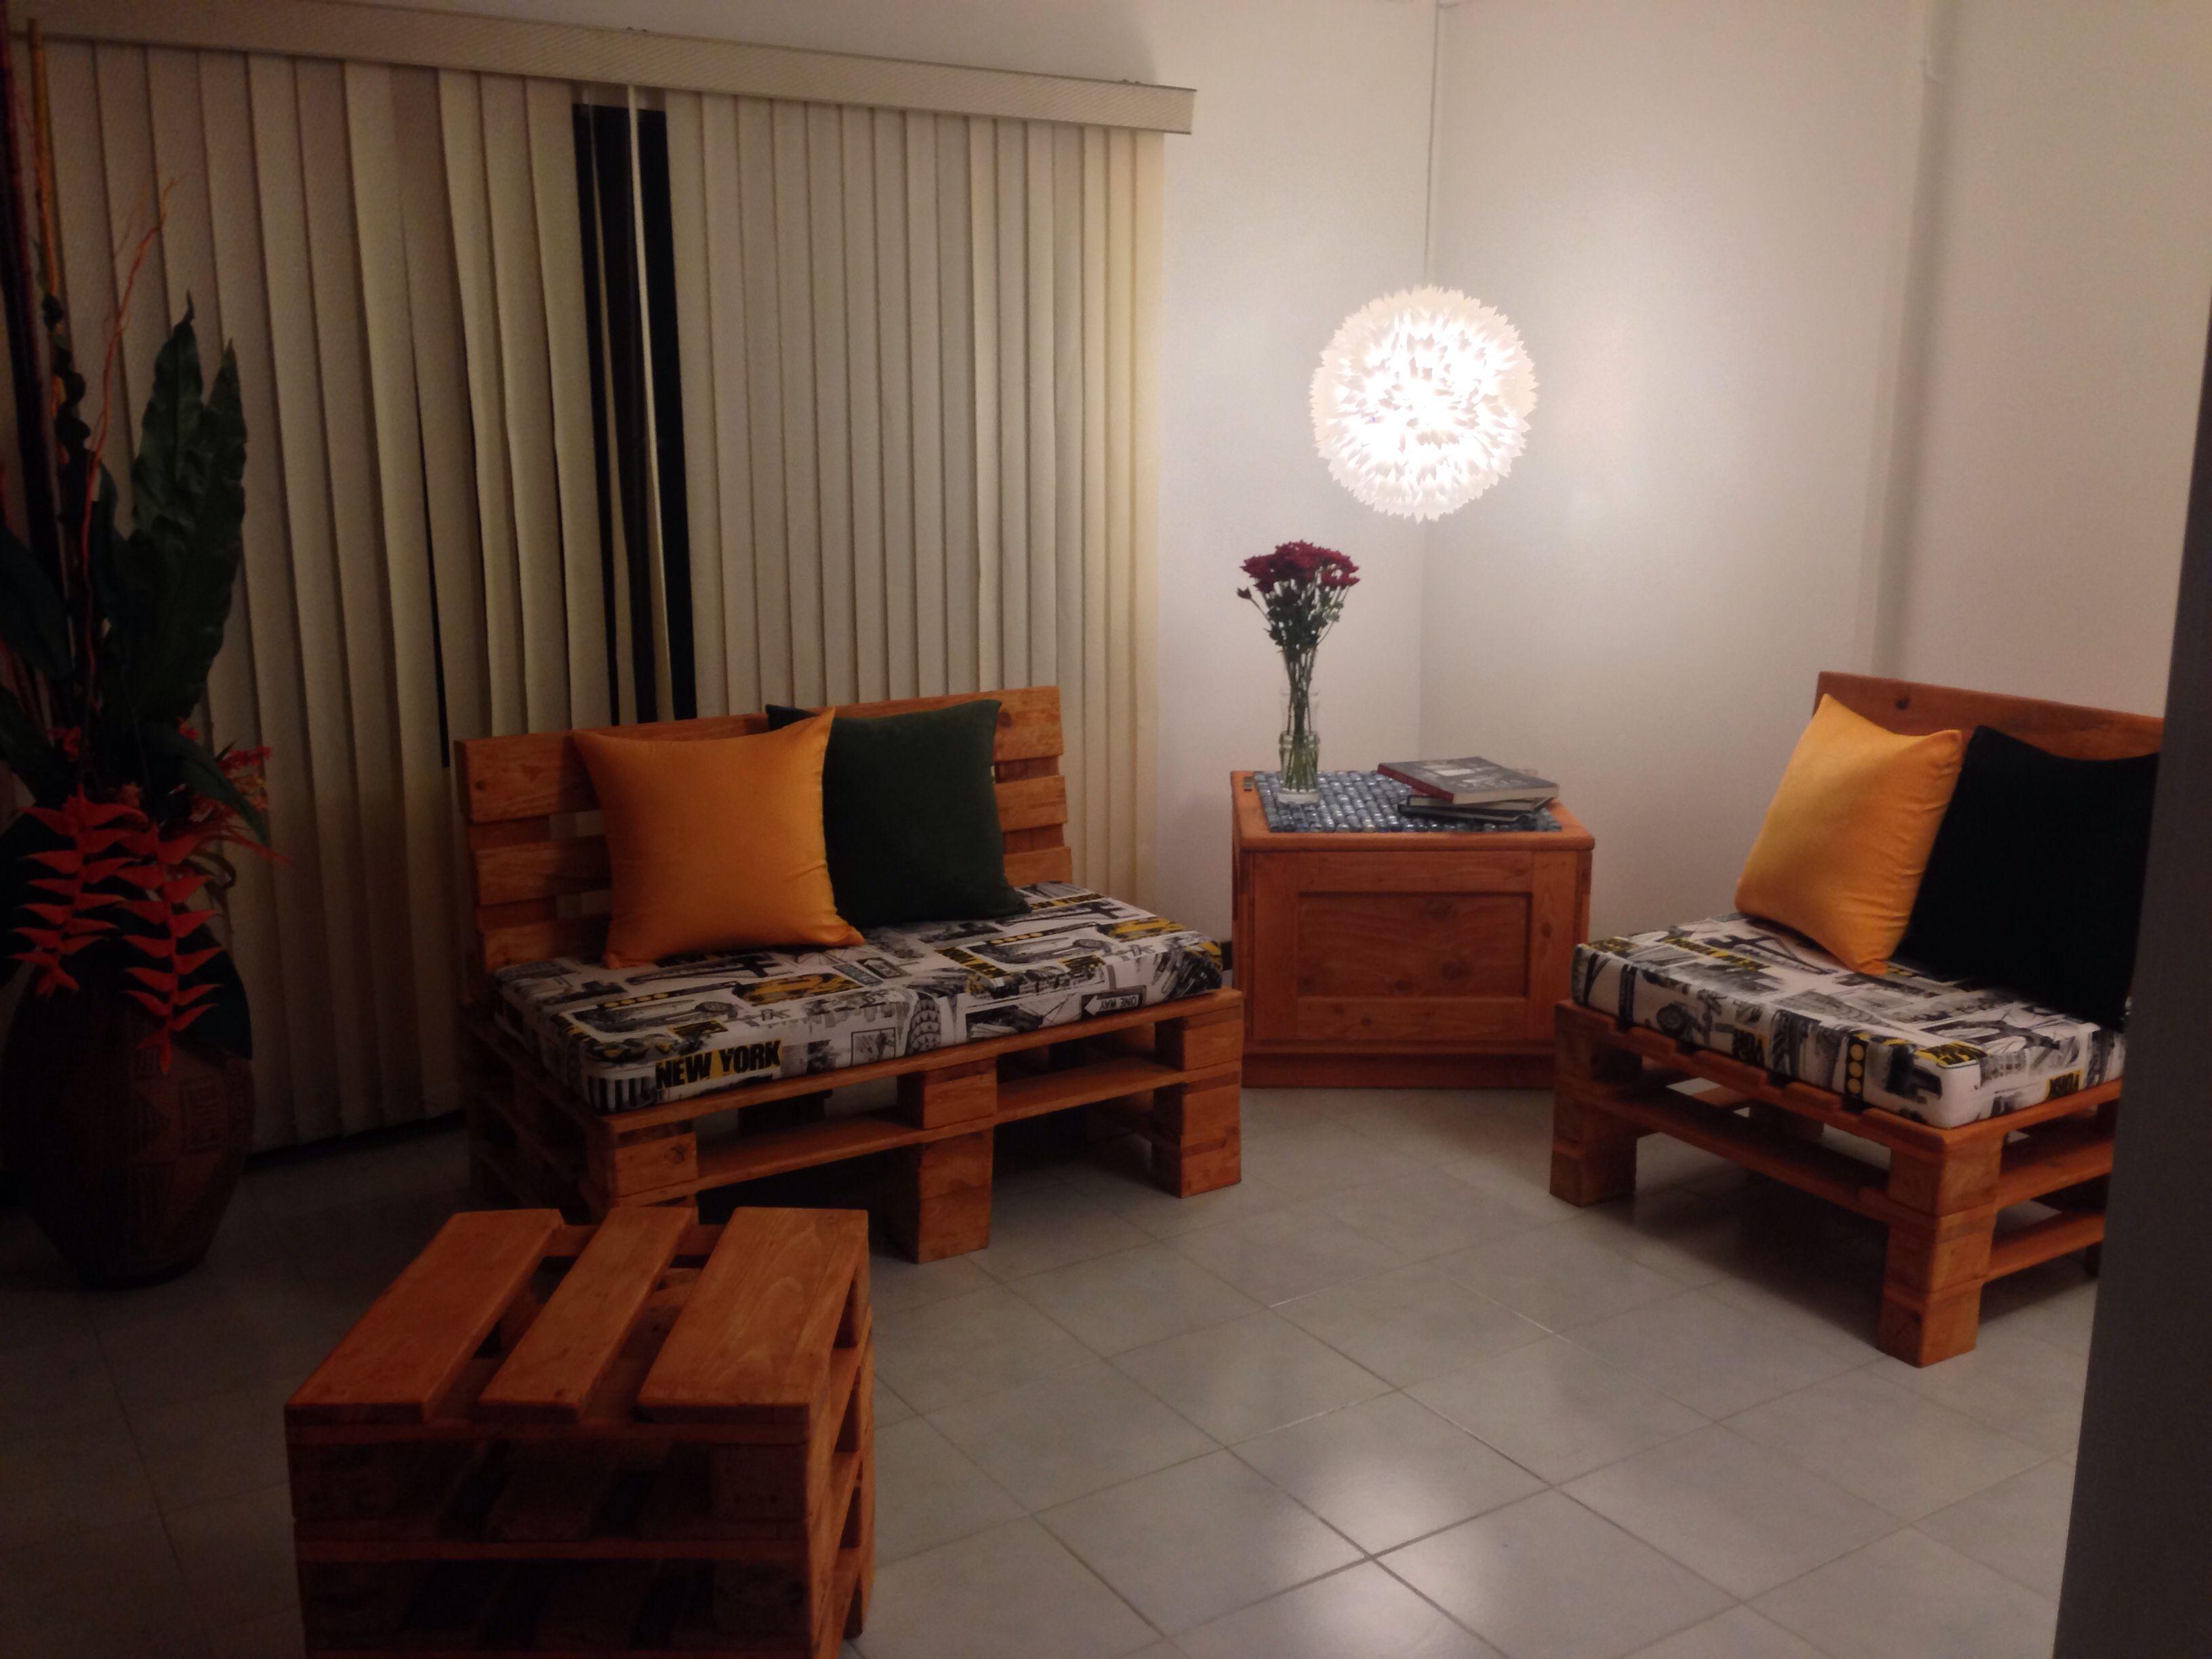 Sala hecha con estibas o palets un proyecto artesanal for Muebles bonitos y baratos